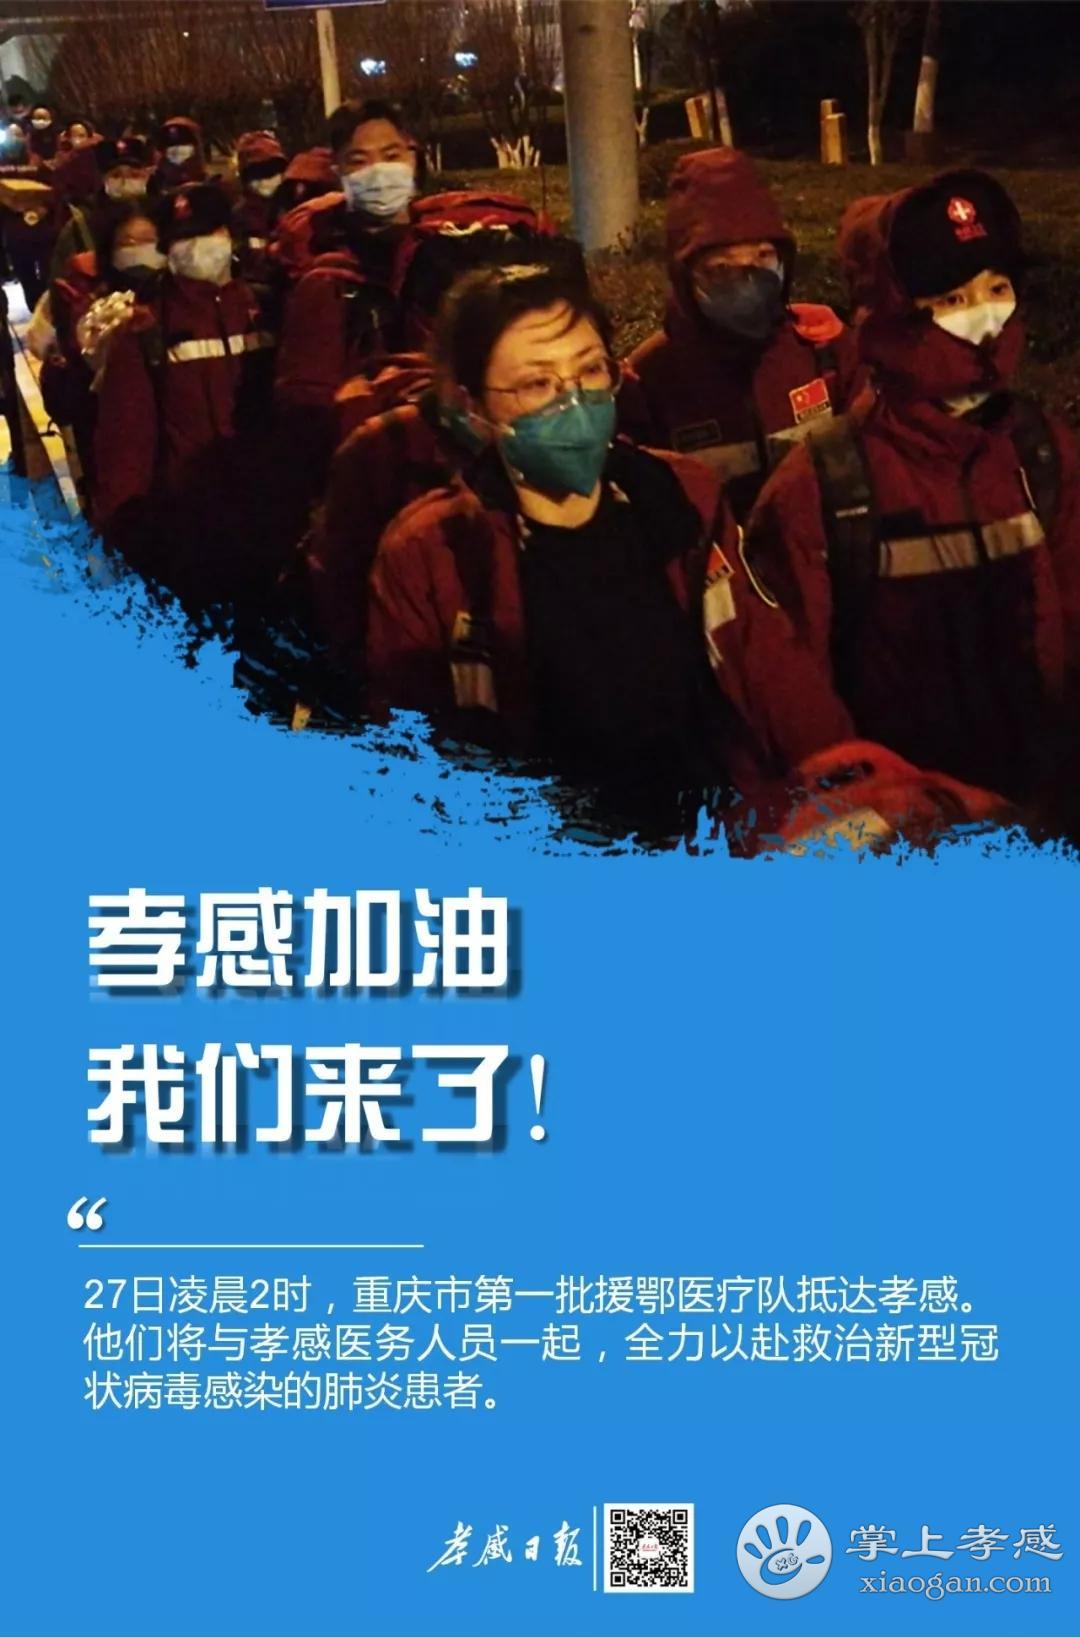 江津区中心医院_重庆首批144名医护人员驰援孝感!_城市资讯 - 掌上孝感